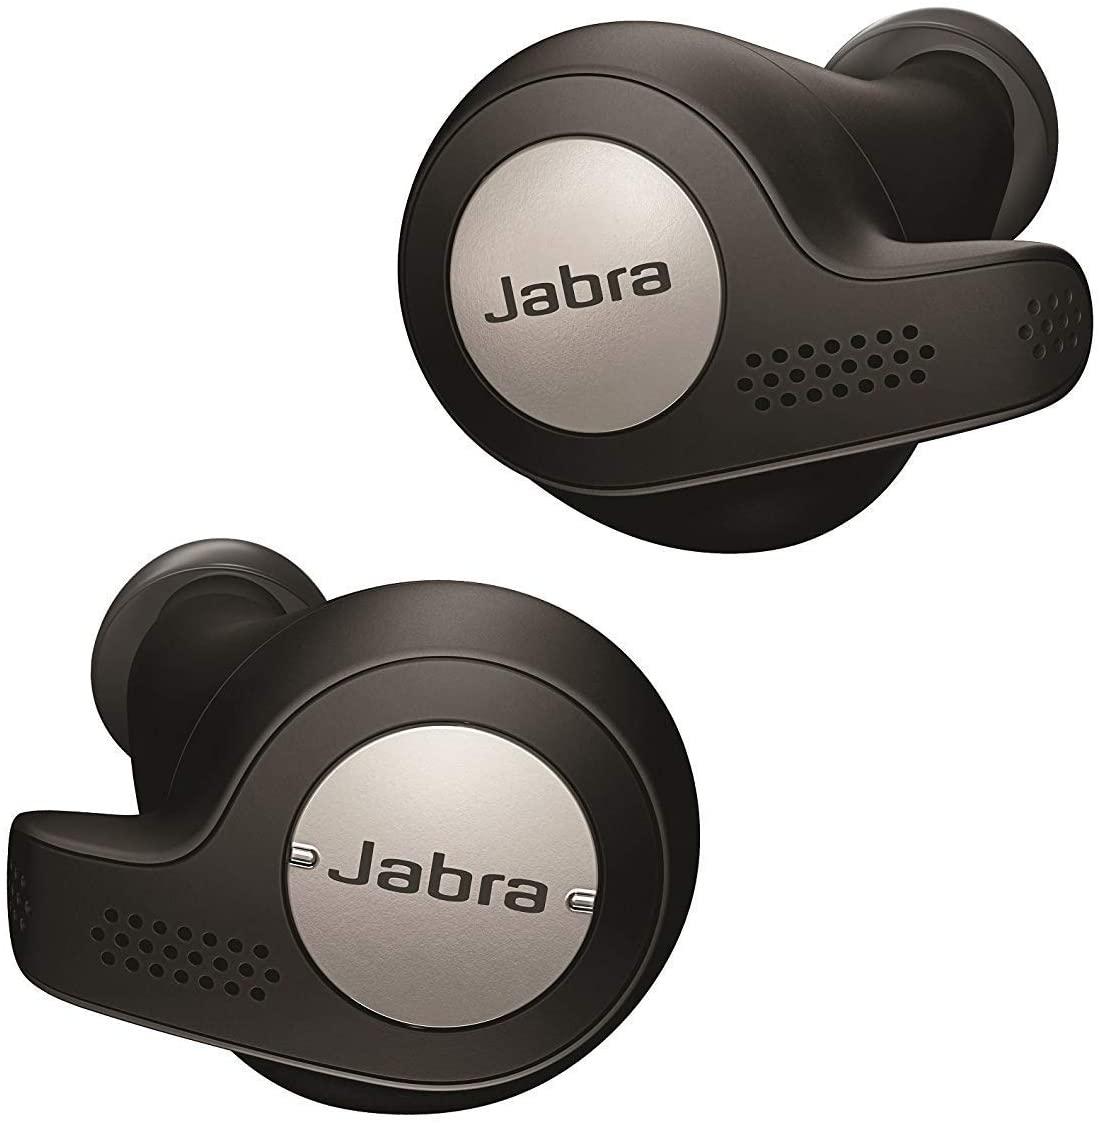 Jabra Elite Active 65t Passive Noise Cancelling Earphones (Copper Black/Copper Blue/Copper Red/Titanium Black) - £89.99 delivered @ Amazon